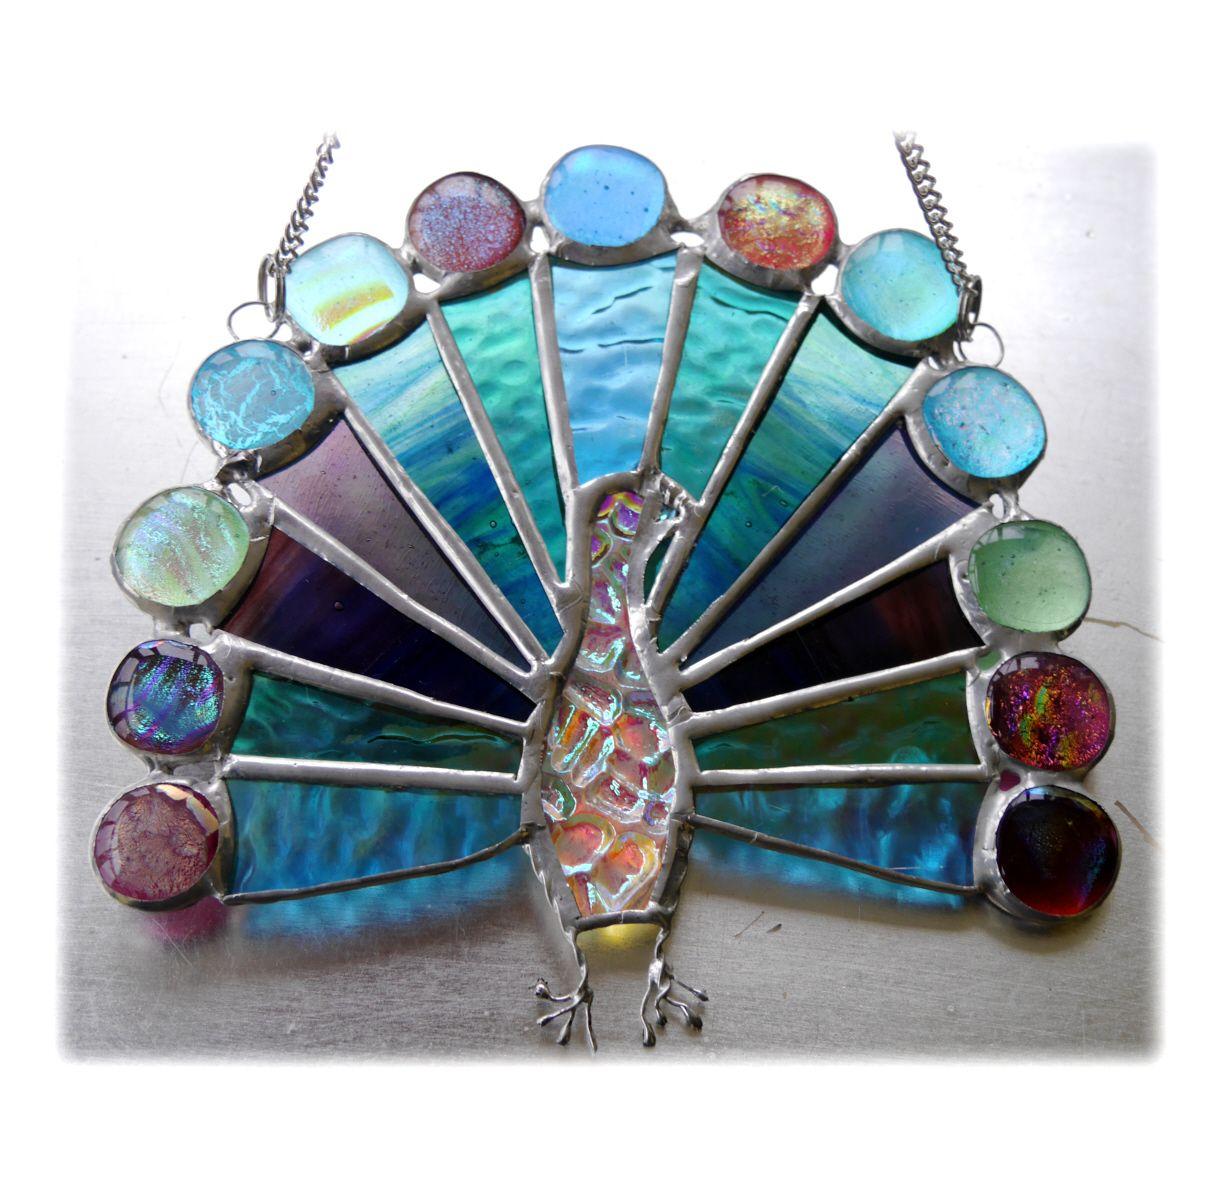 Peacock Fan 001 #1904 FREE 35.00